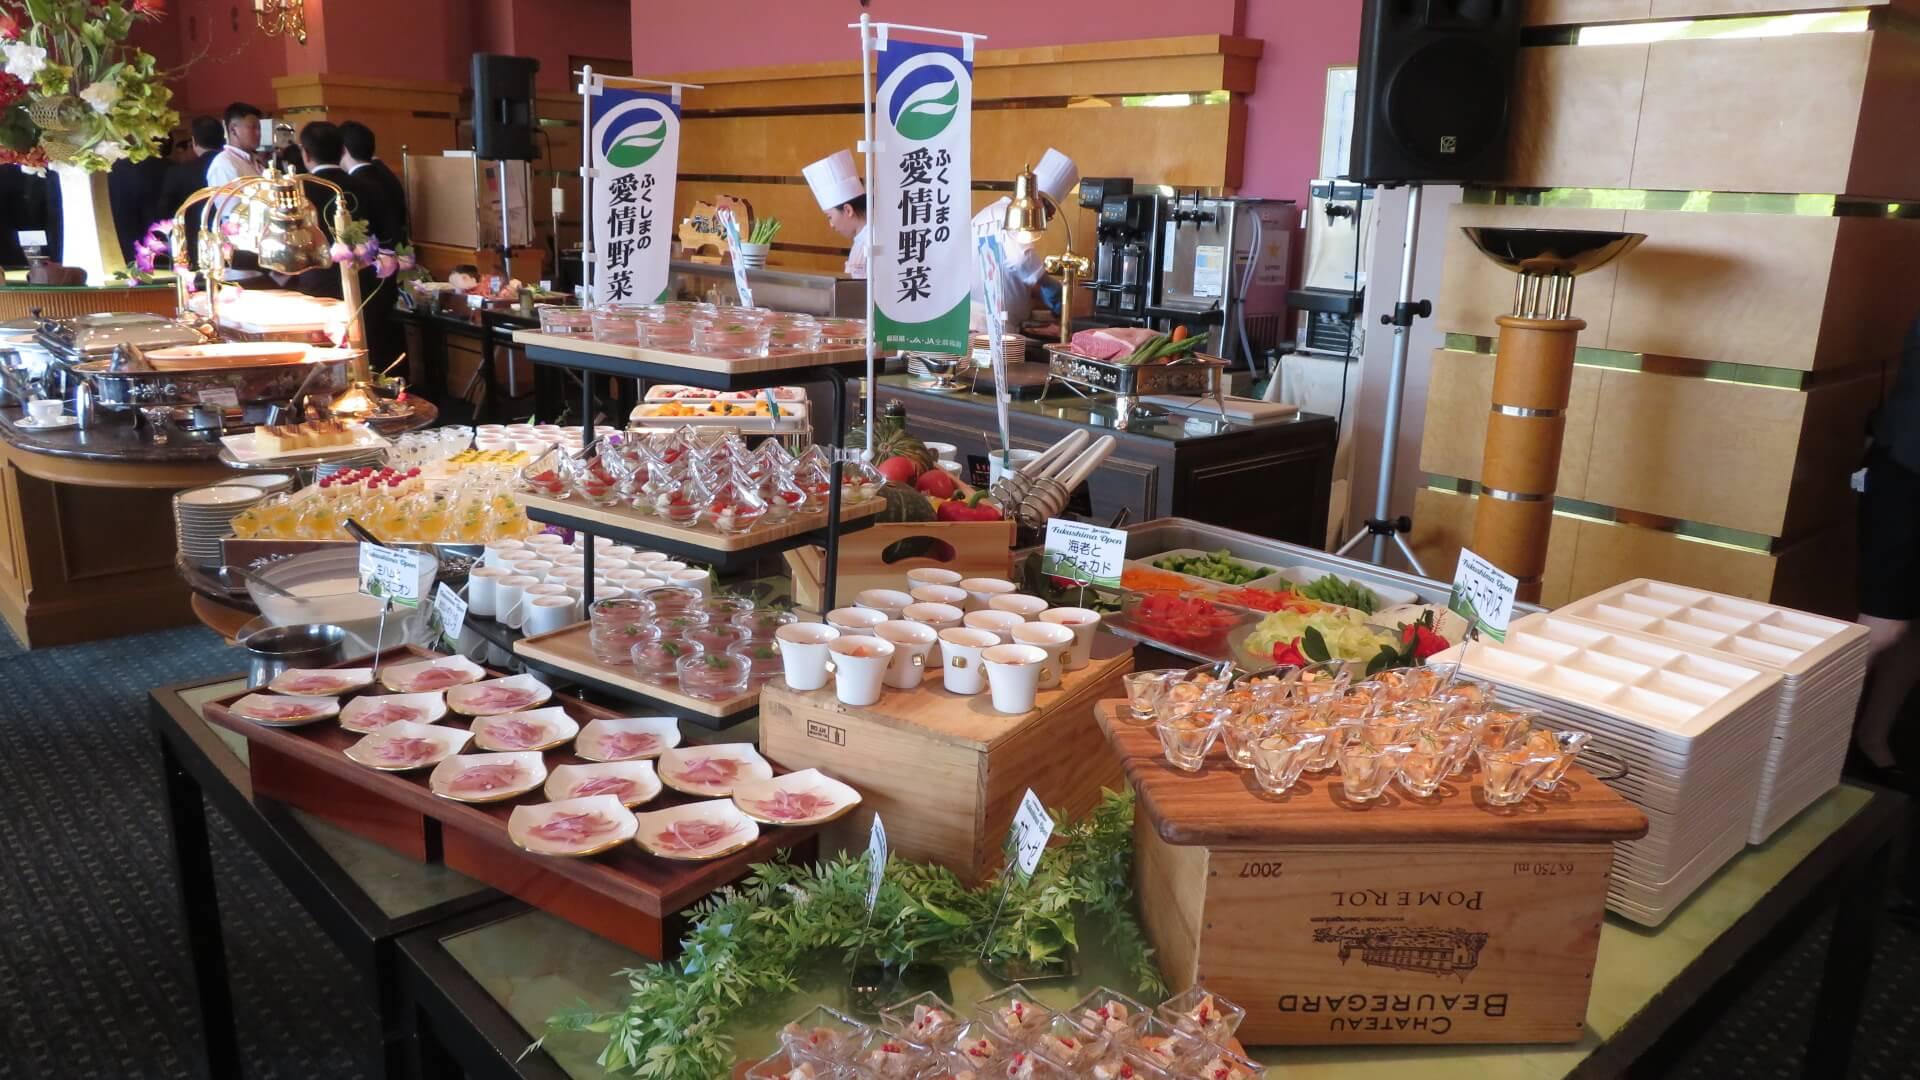 ダンロップ・スリクソン福島オープン‗食材の写真1